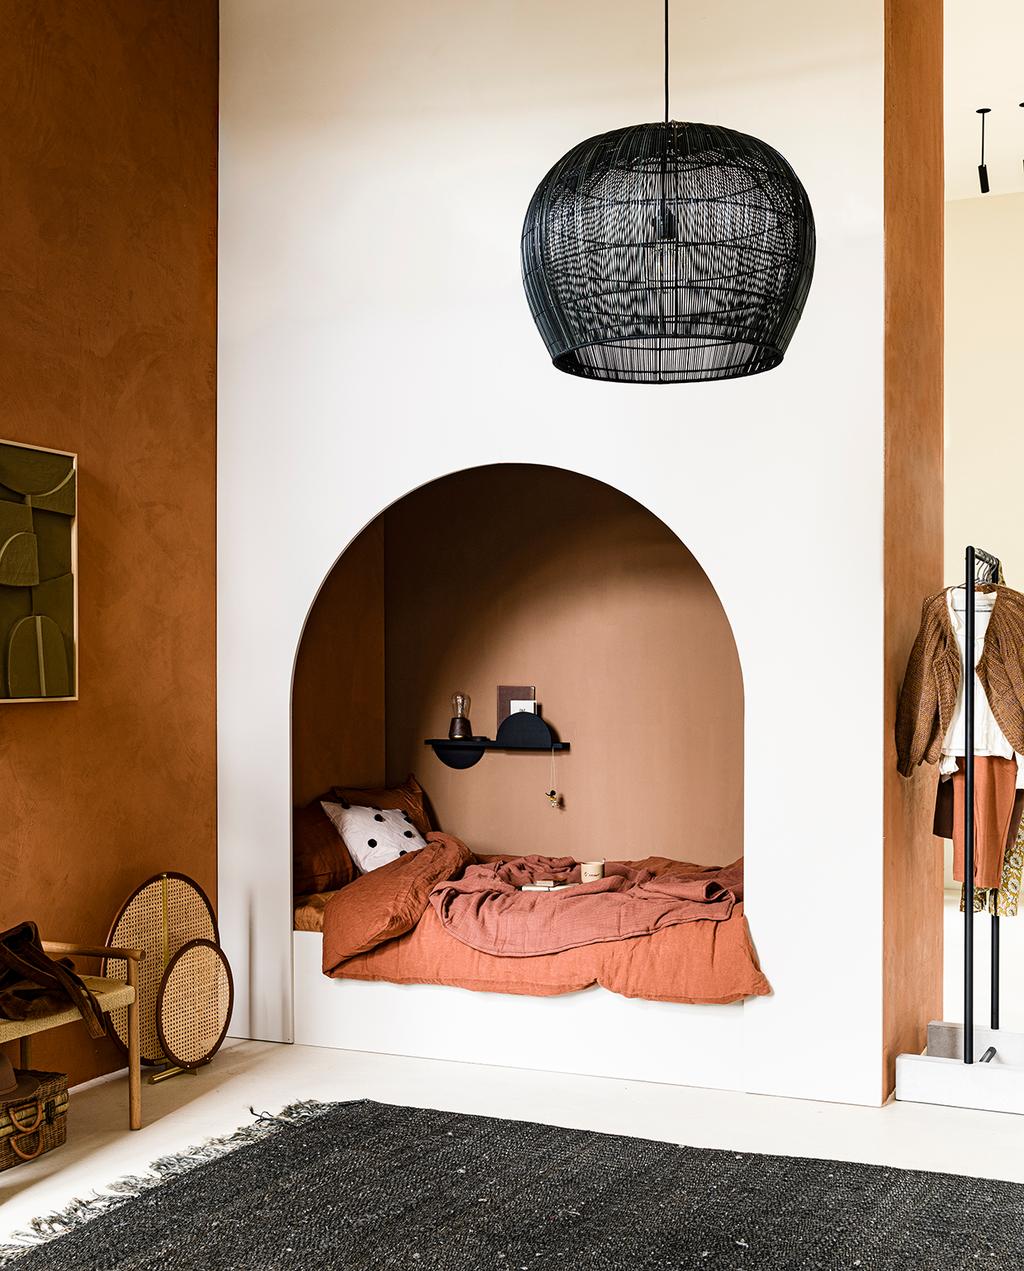 vtwonen 2020 DIY special 2 | bedstee van hout en terra accessoires